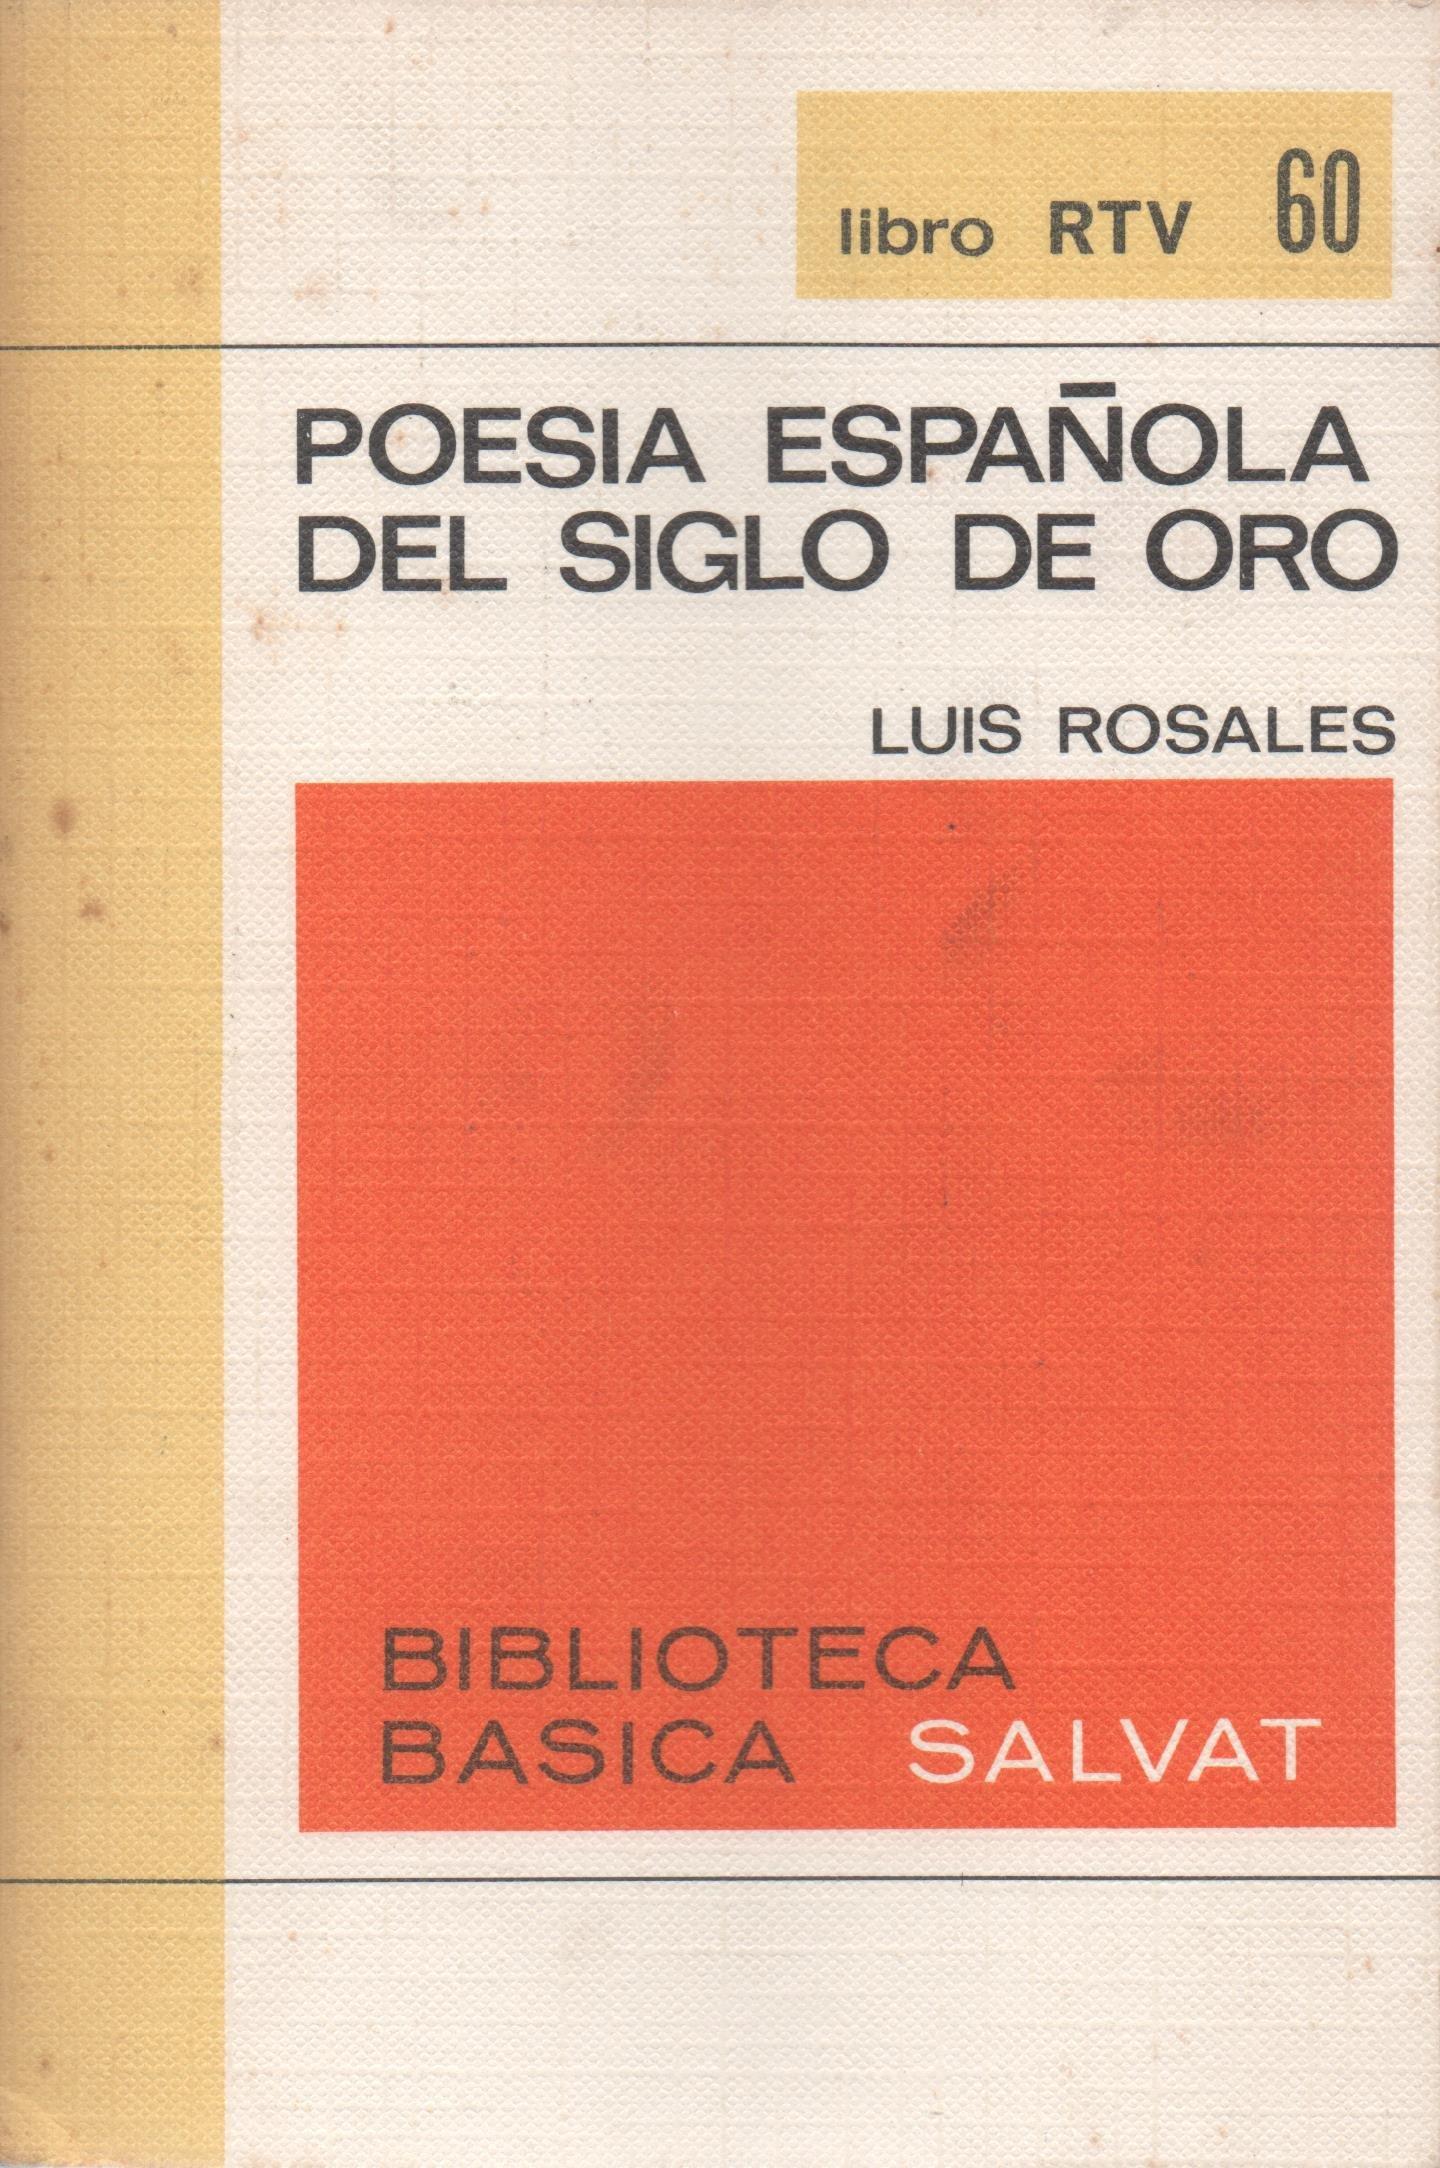 Poesía Española del Siglo de Oro: Amazon.es: Luis Rosales: Libros